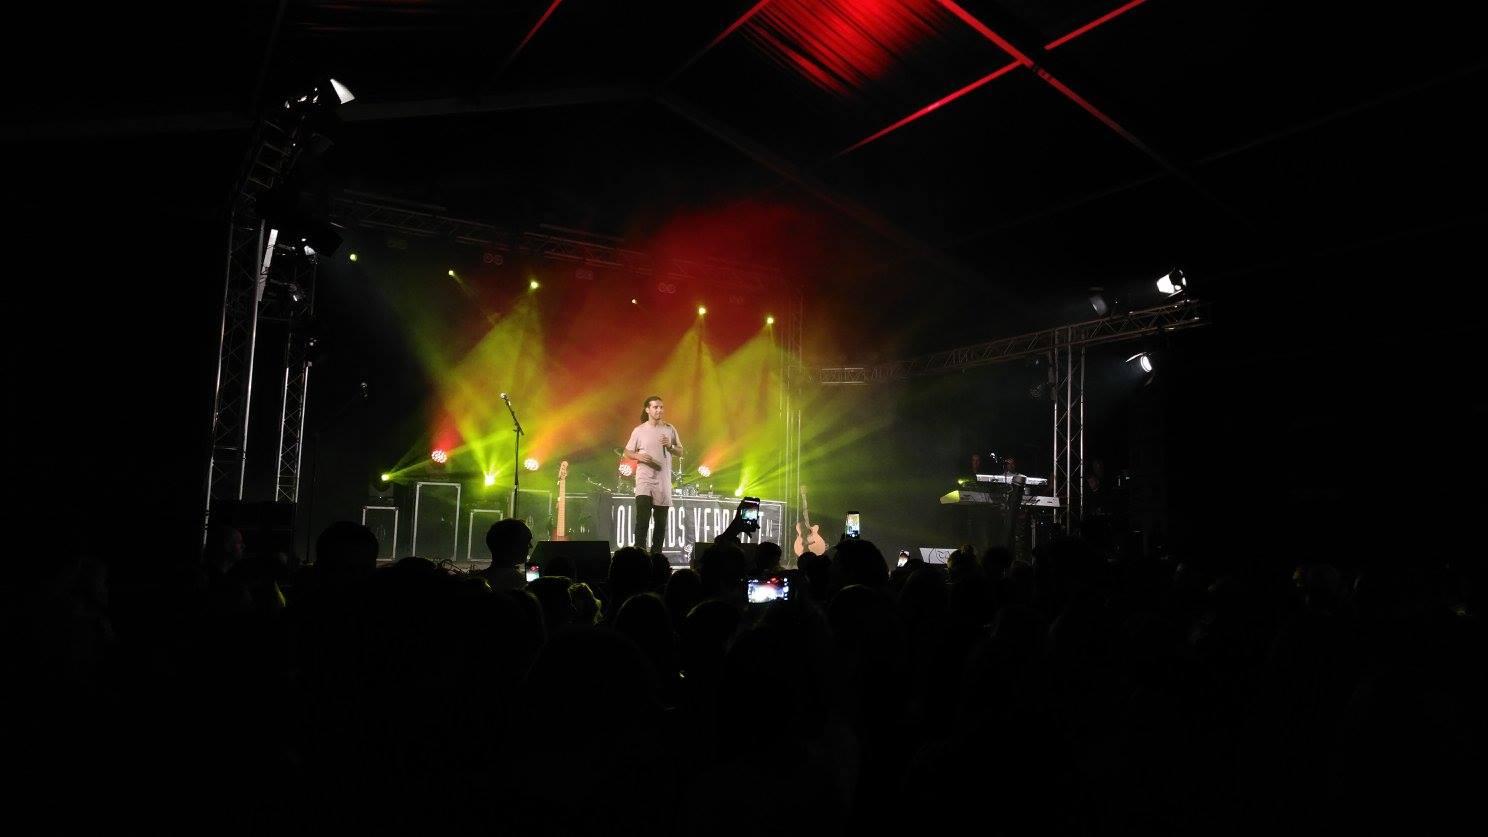 Schanspop, zomer editie #2017